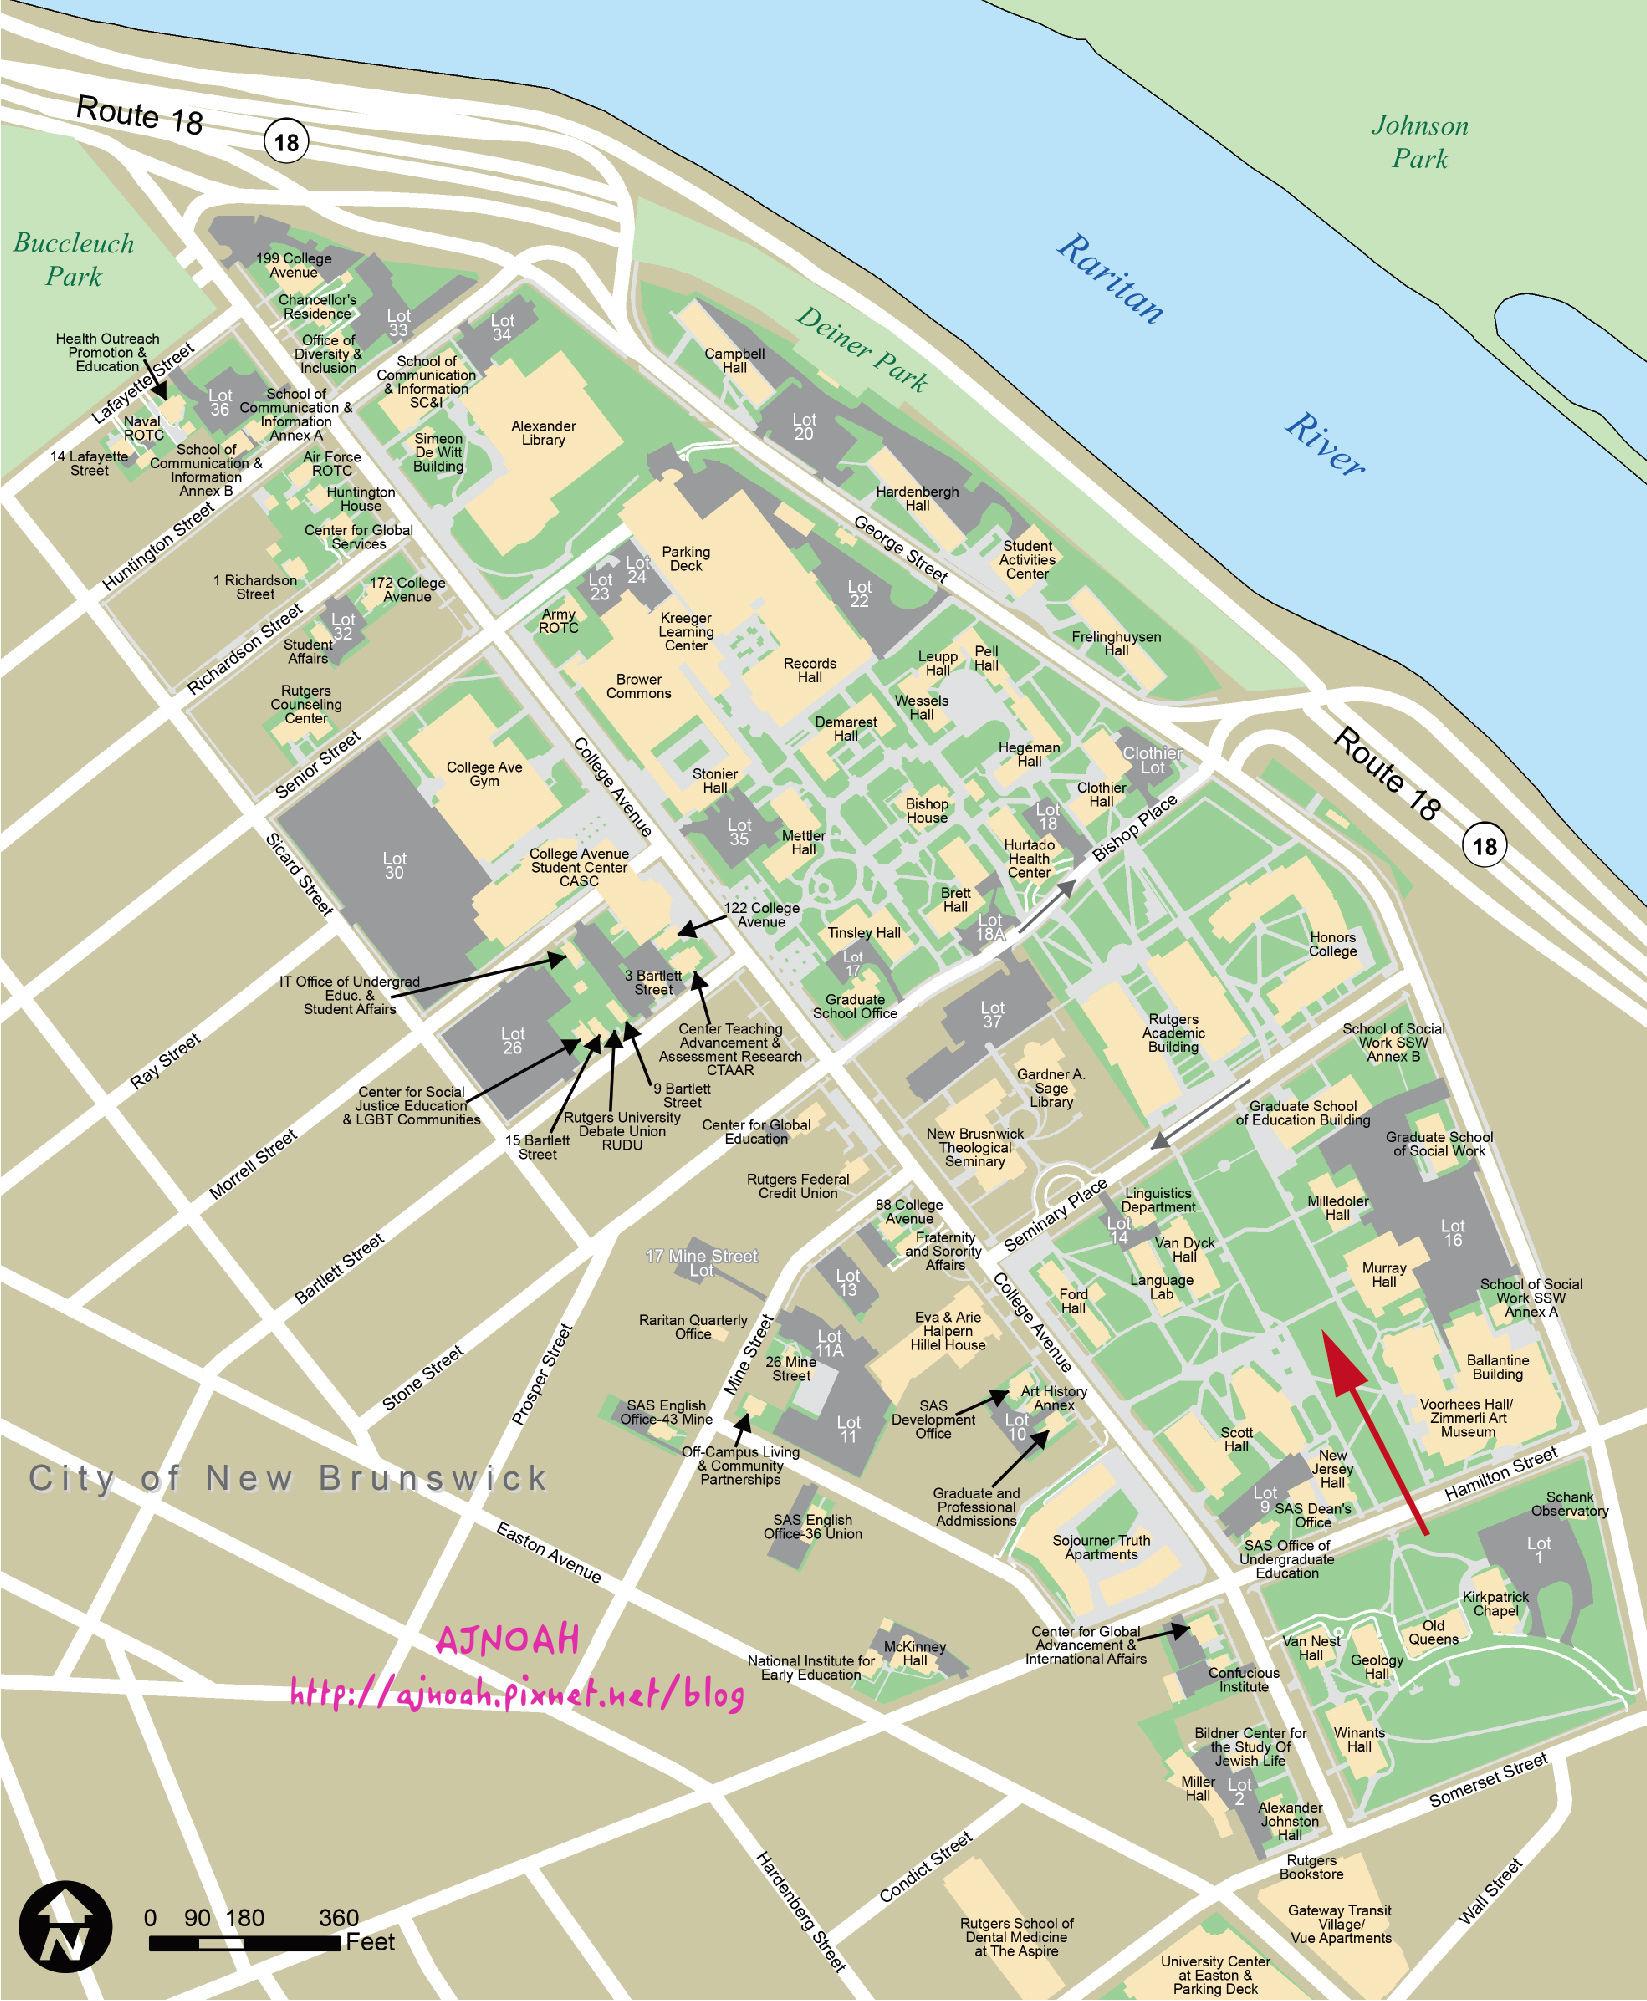 GW喬治華盛頓大學 - 位於首都圈的頂尖大學,素有政治家搖籃的稱號